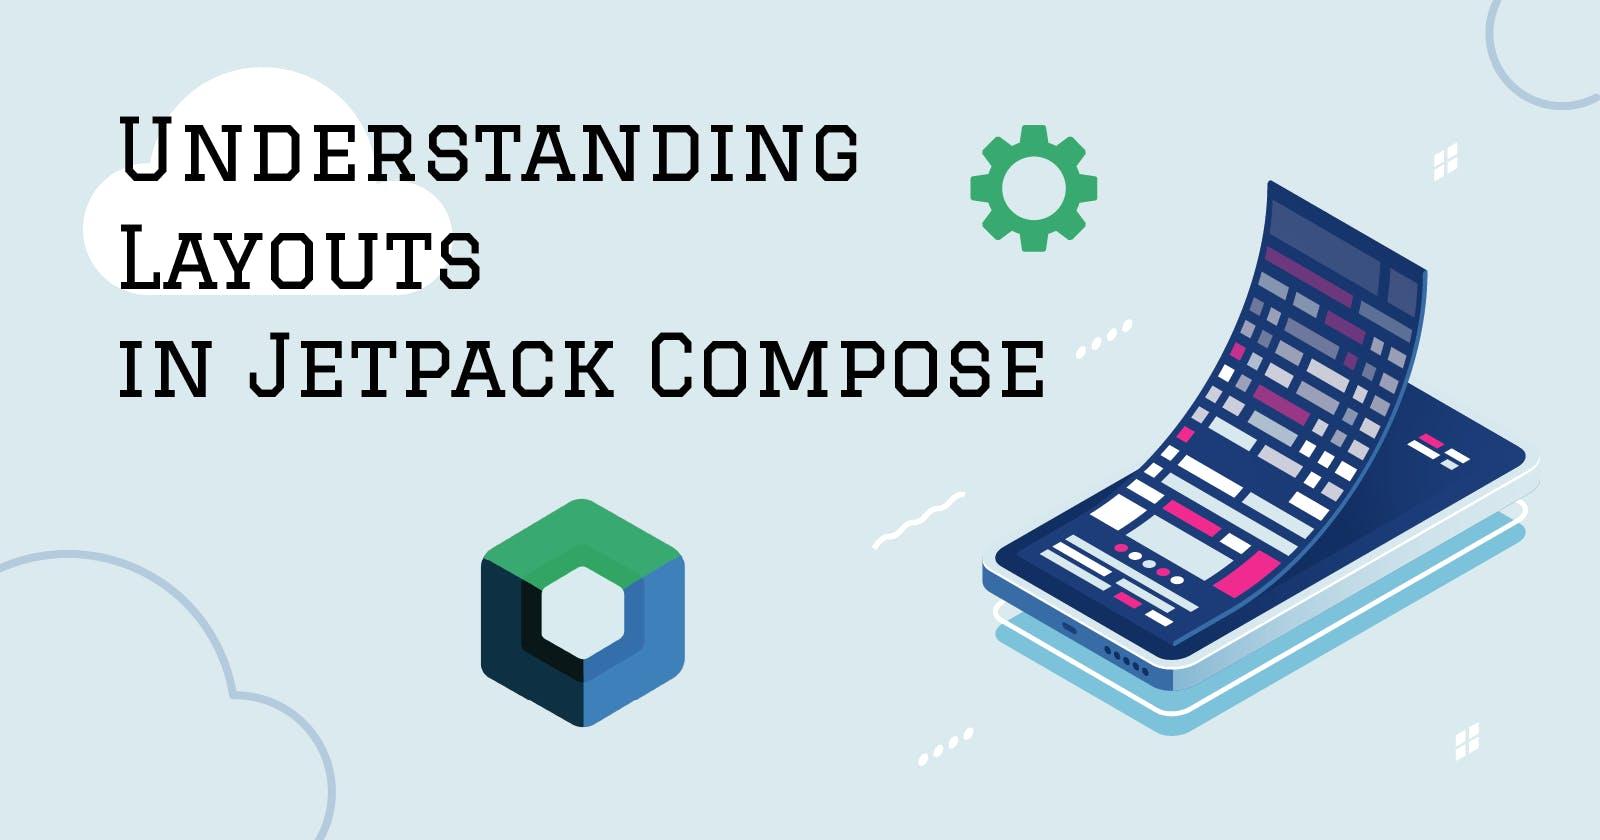 Understanding Layouts in Jetpack Compose